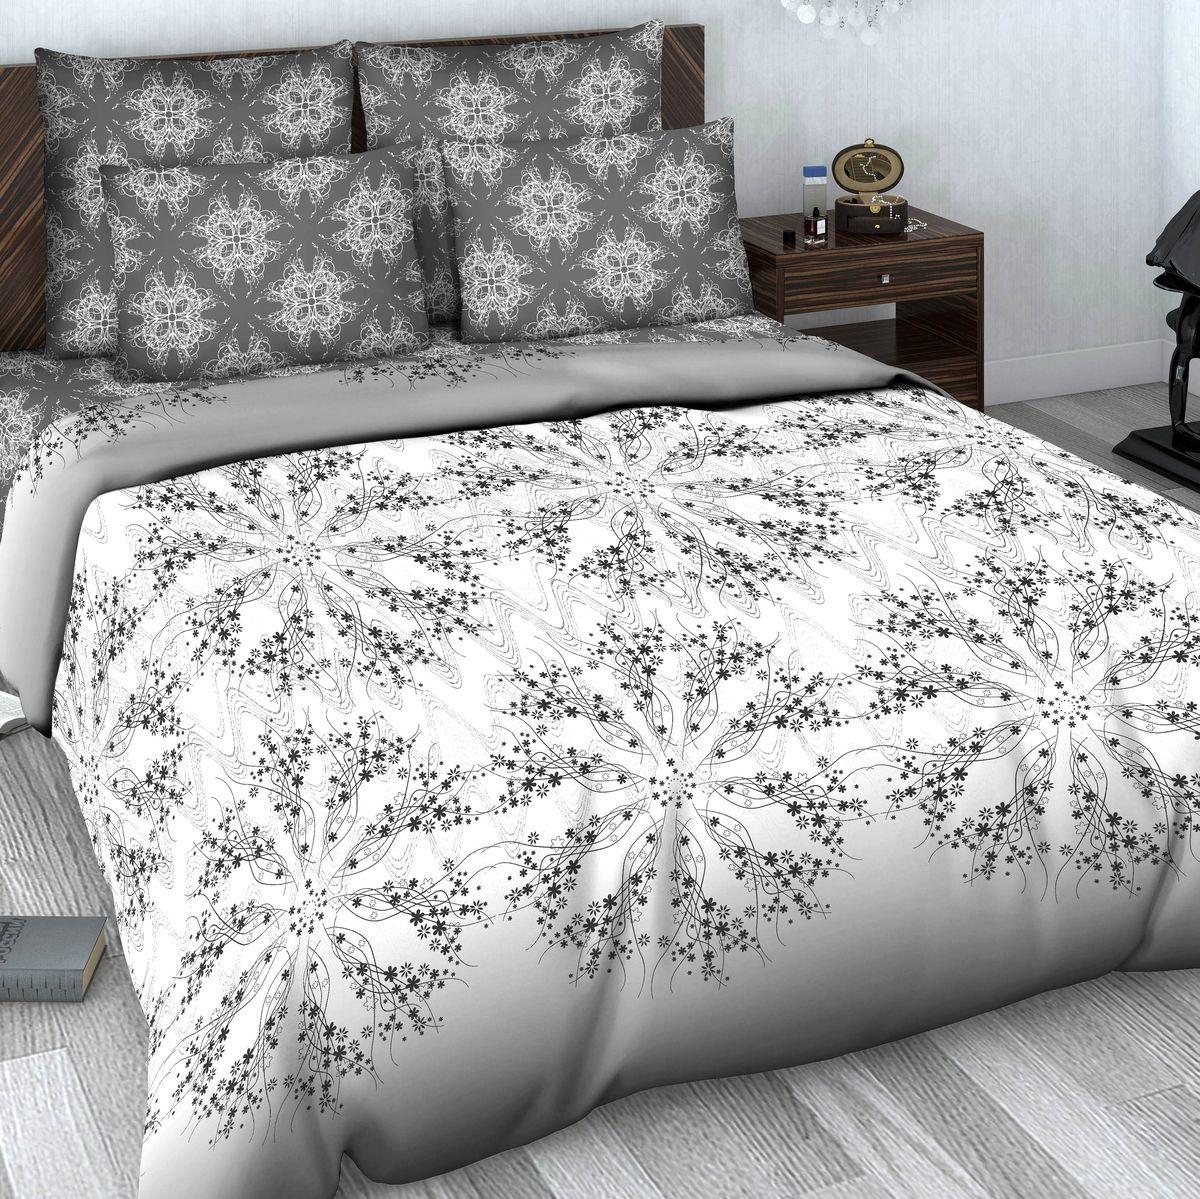 Комплект белья Василиса, 2-спальный, наволочки 70х70. 602/2602-1/2Комплект постельного белья Василиса состоит из пододеяльника, простыни и двух наволочек. Белье изготовлено из высококачественного сатина (100% хлопка). Постельное белье представляет собой блестящую и плотную ткань. Ткань очень приятна на ощупь, сатиновое постельное белье долговечно и выдерживает большое число стирок. Приобретая комплект постельного белья Василиса, вы можете быть уверены в том, что покупка доставит вам удовольствие и подарит максимальный комфорт.